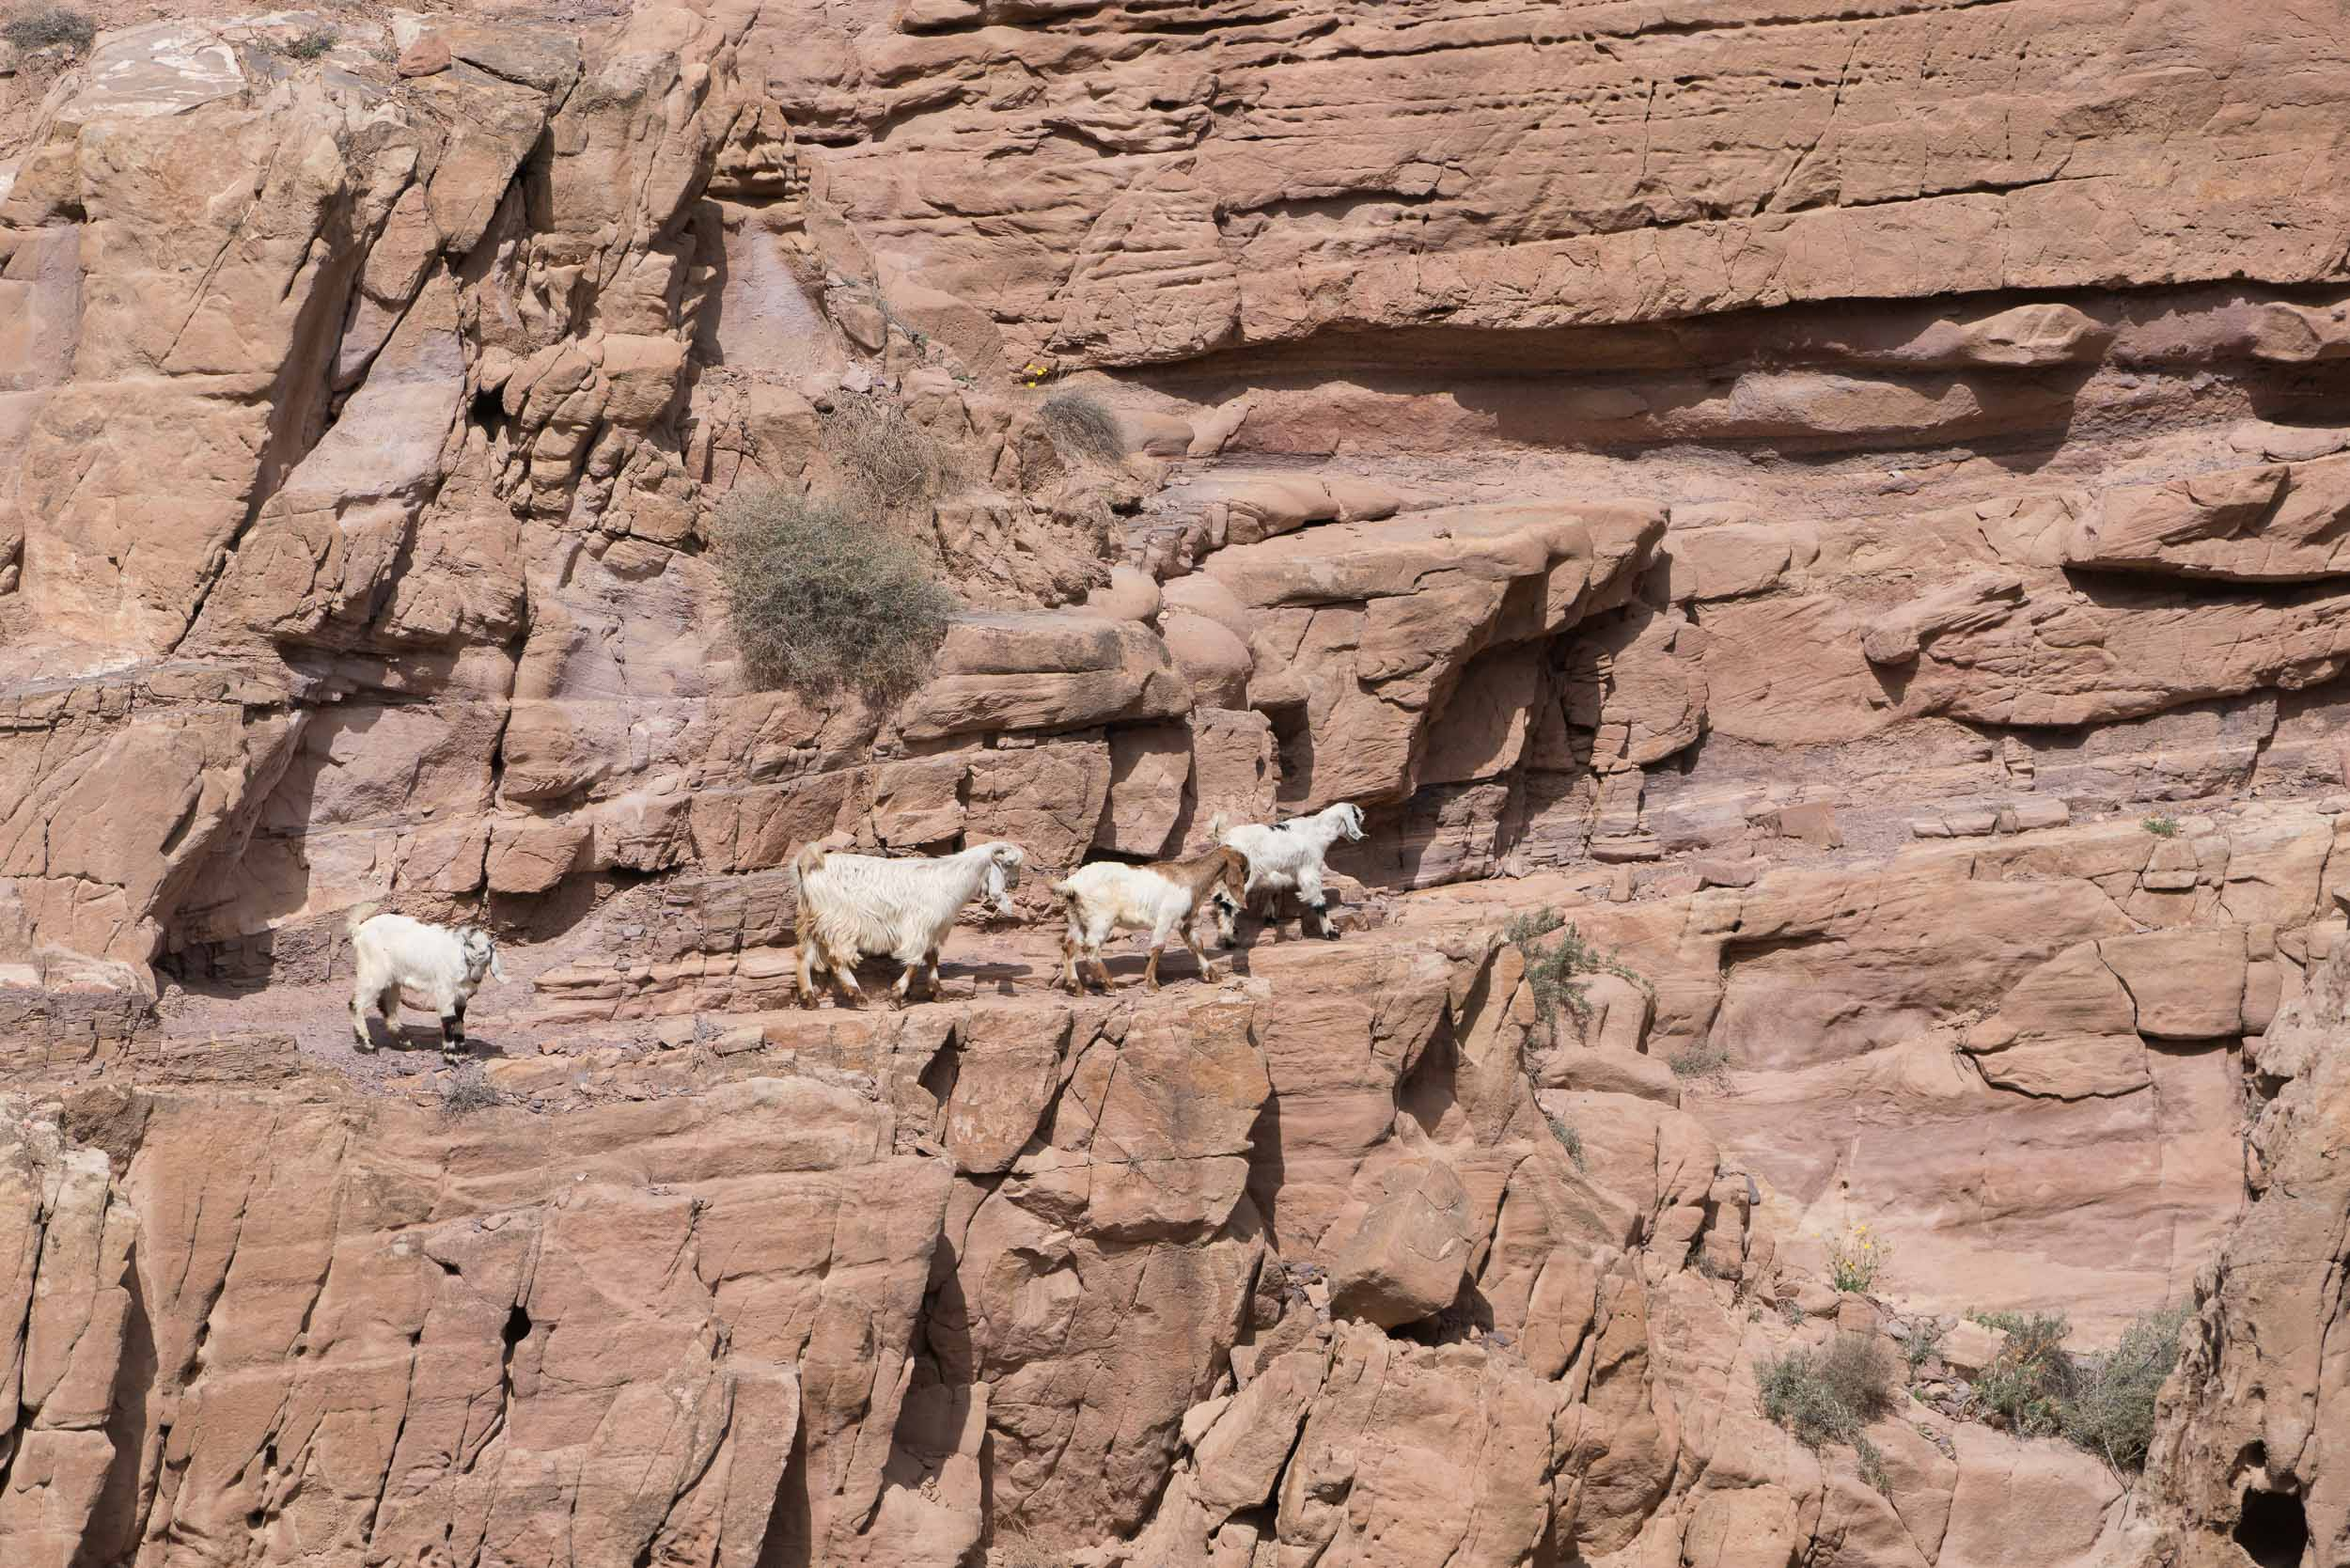 the_getaway_edit_jordan_dana_biosphere-10.jpg